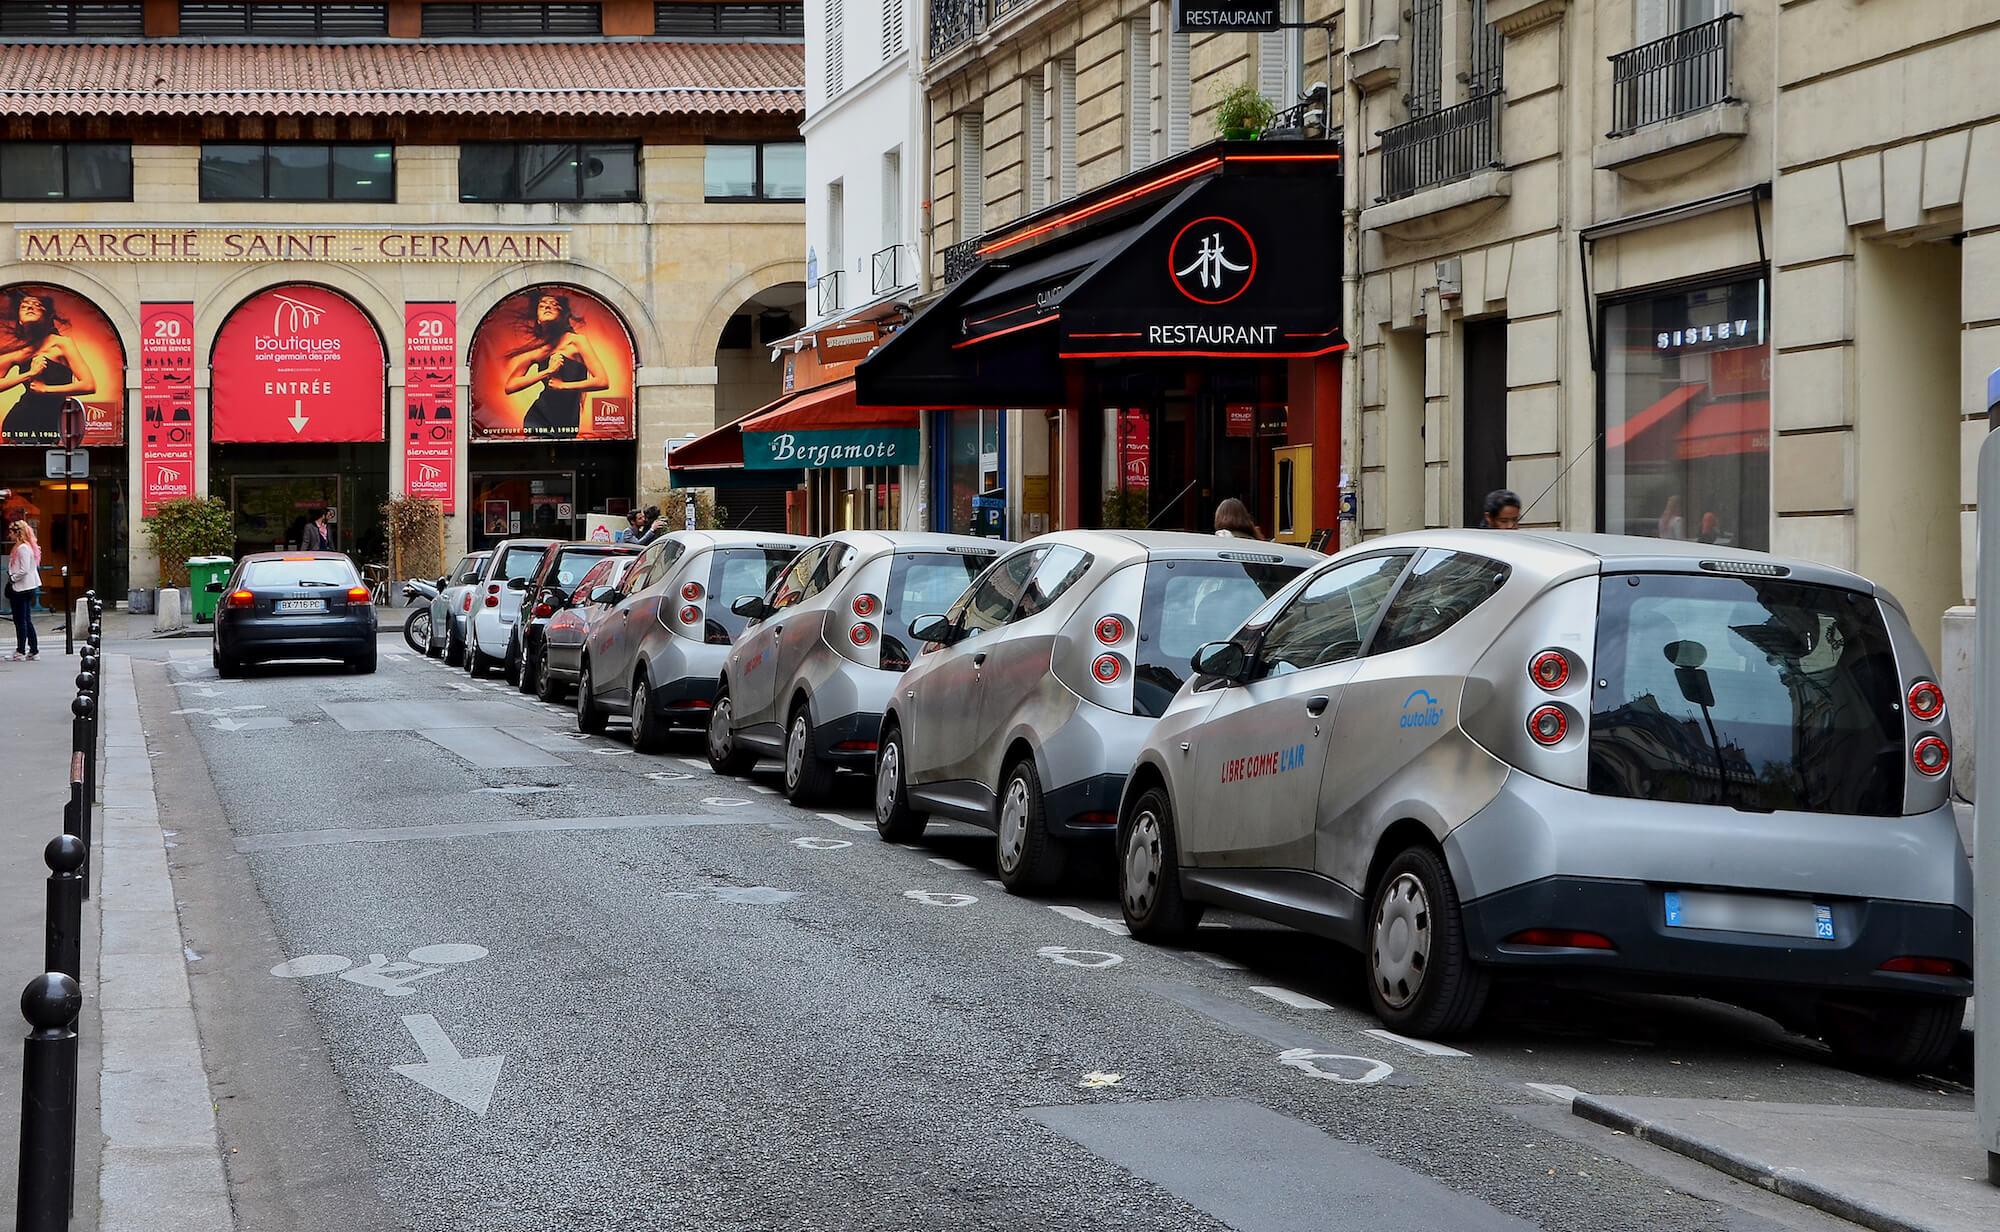 Trouver des parkings bien localisés dans les quartiers très touristiques de Paris